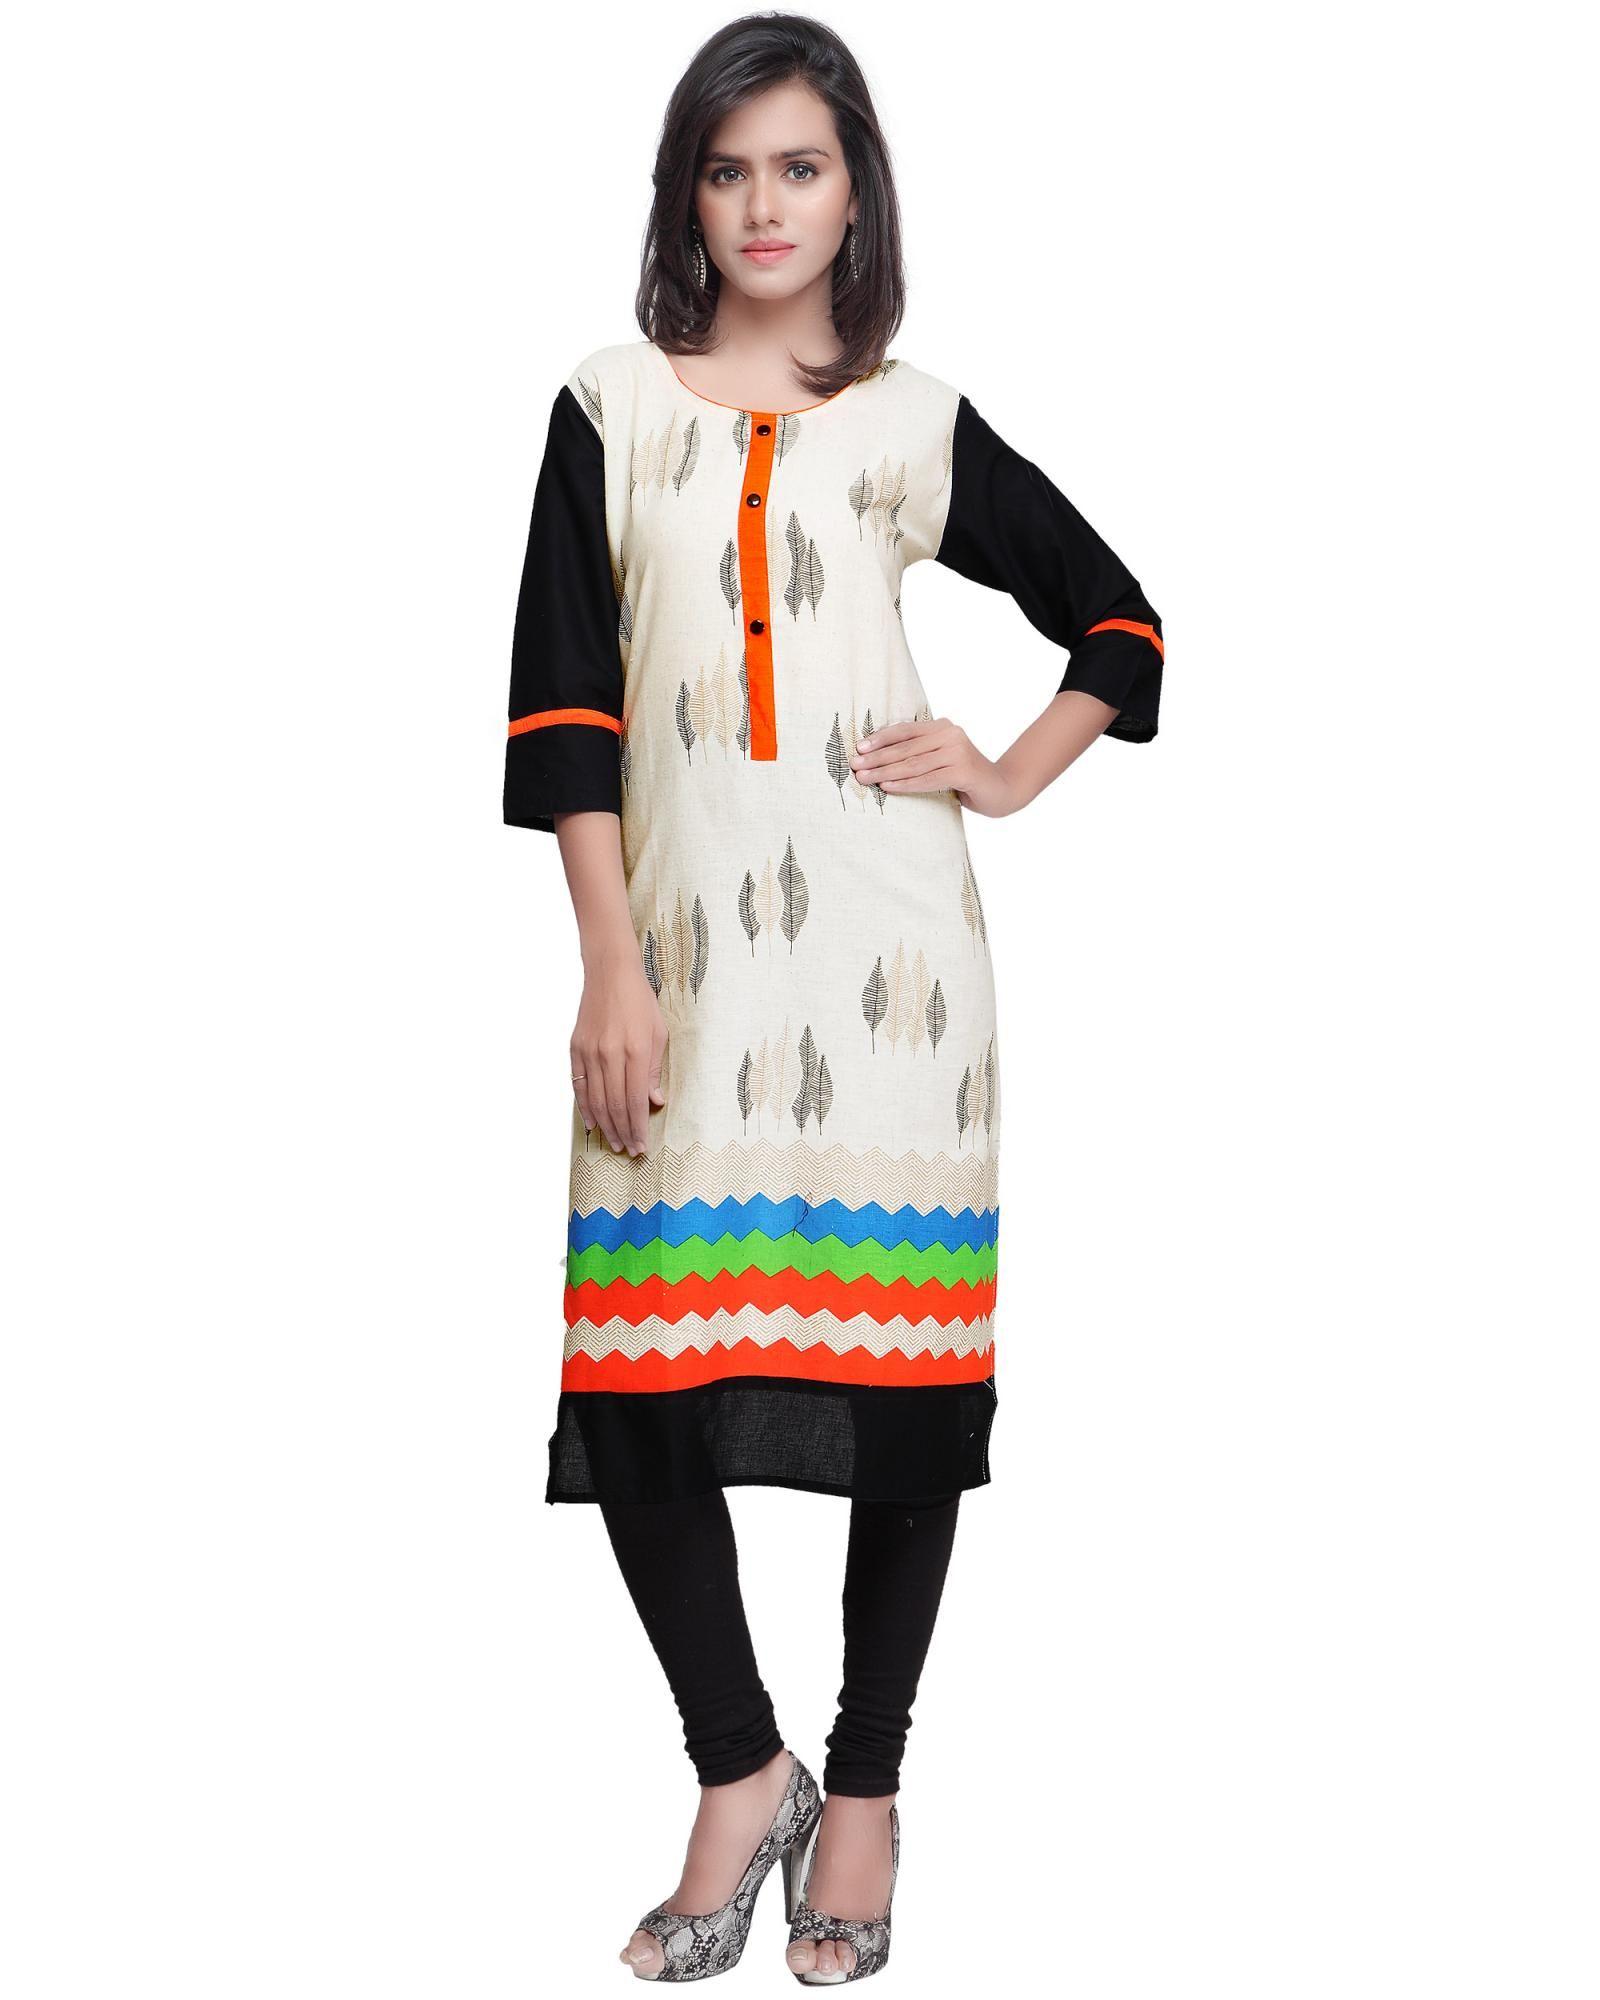 Buy Prafful Orange Cotton Printed kurti GTJAI-130-D at lowest price